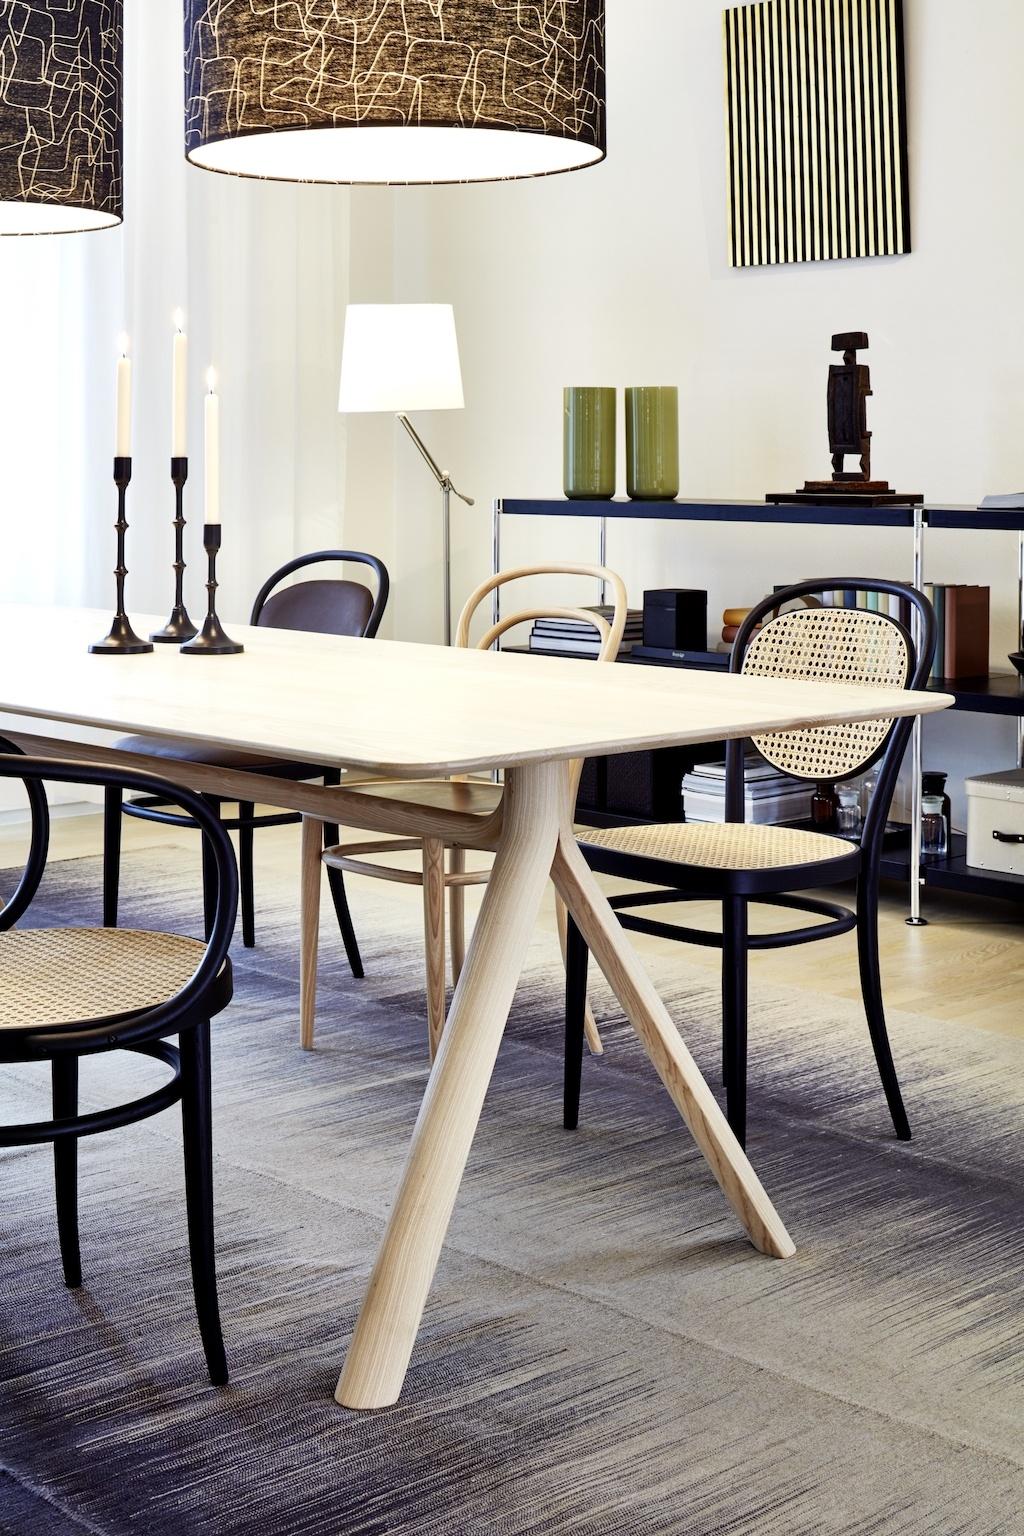 Esszimmer mit unterschiedlichen Bugholz-Stühlen von Thonet.